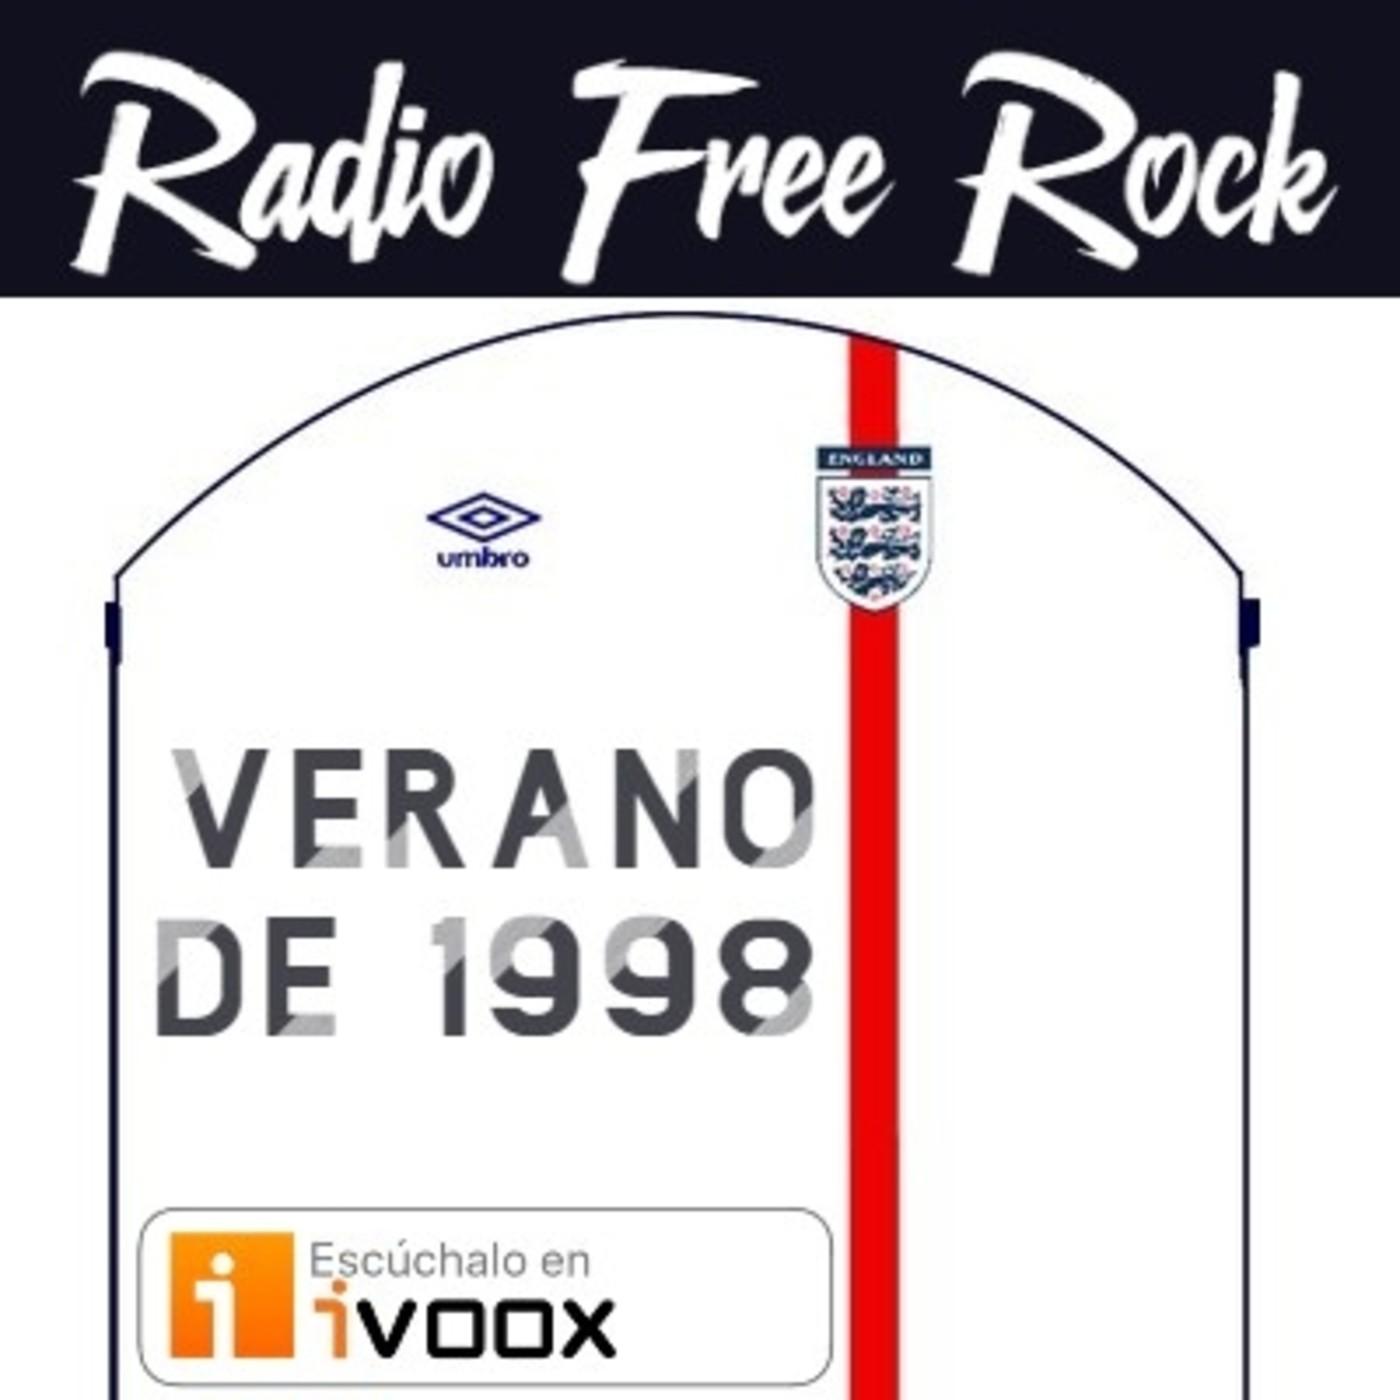 Radio Free Rock: Verano de 1998